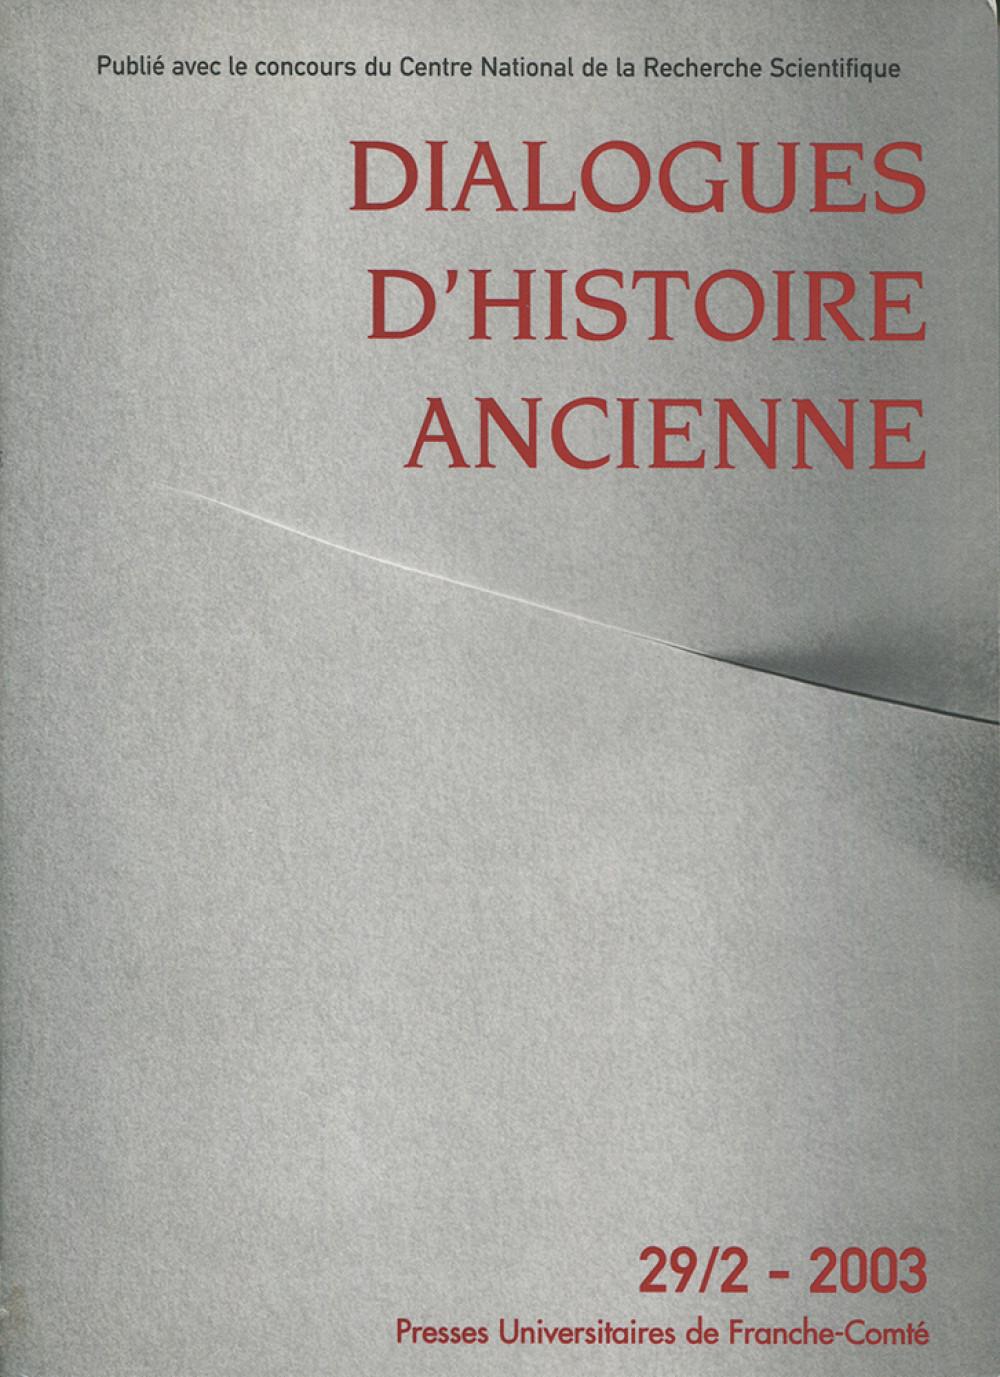 Dialogues d'Histoire Ancienne 29/2